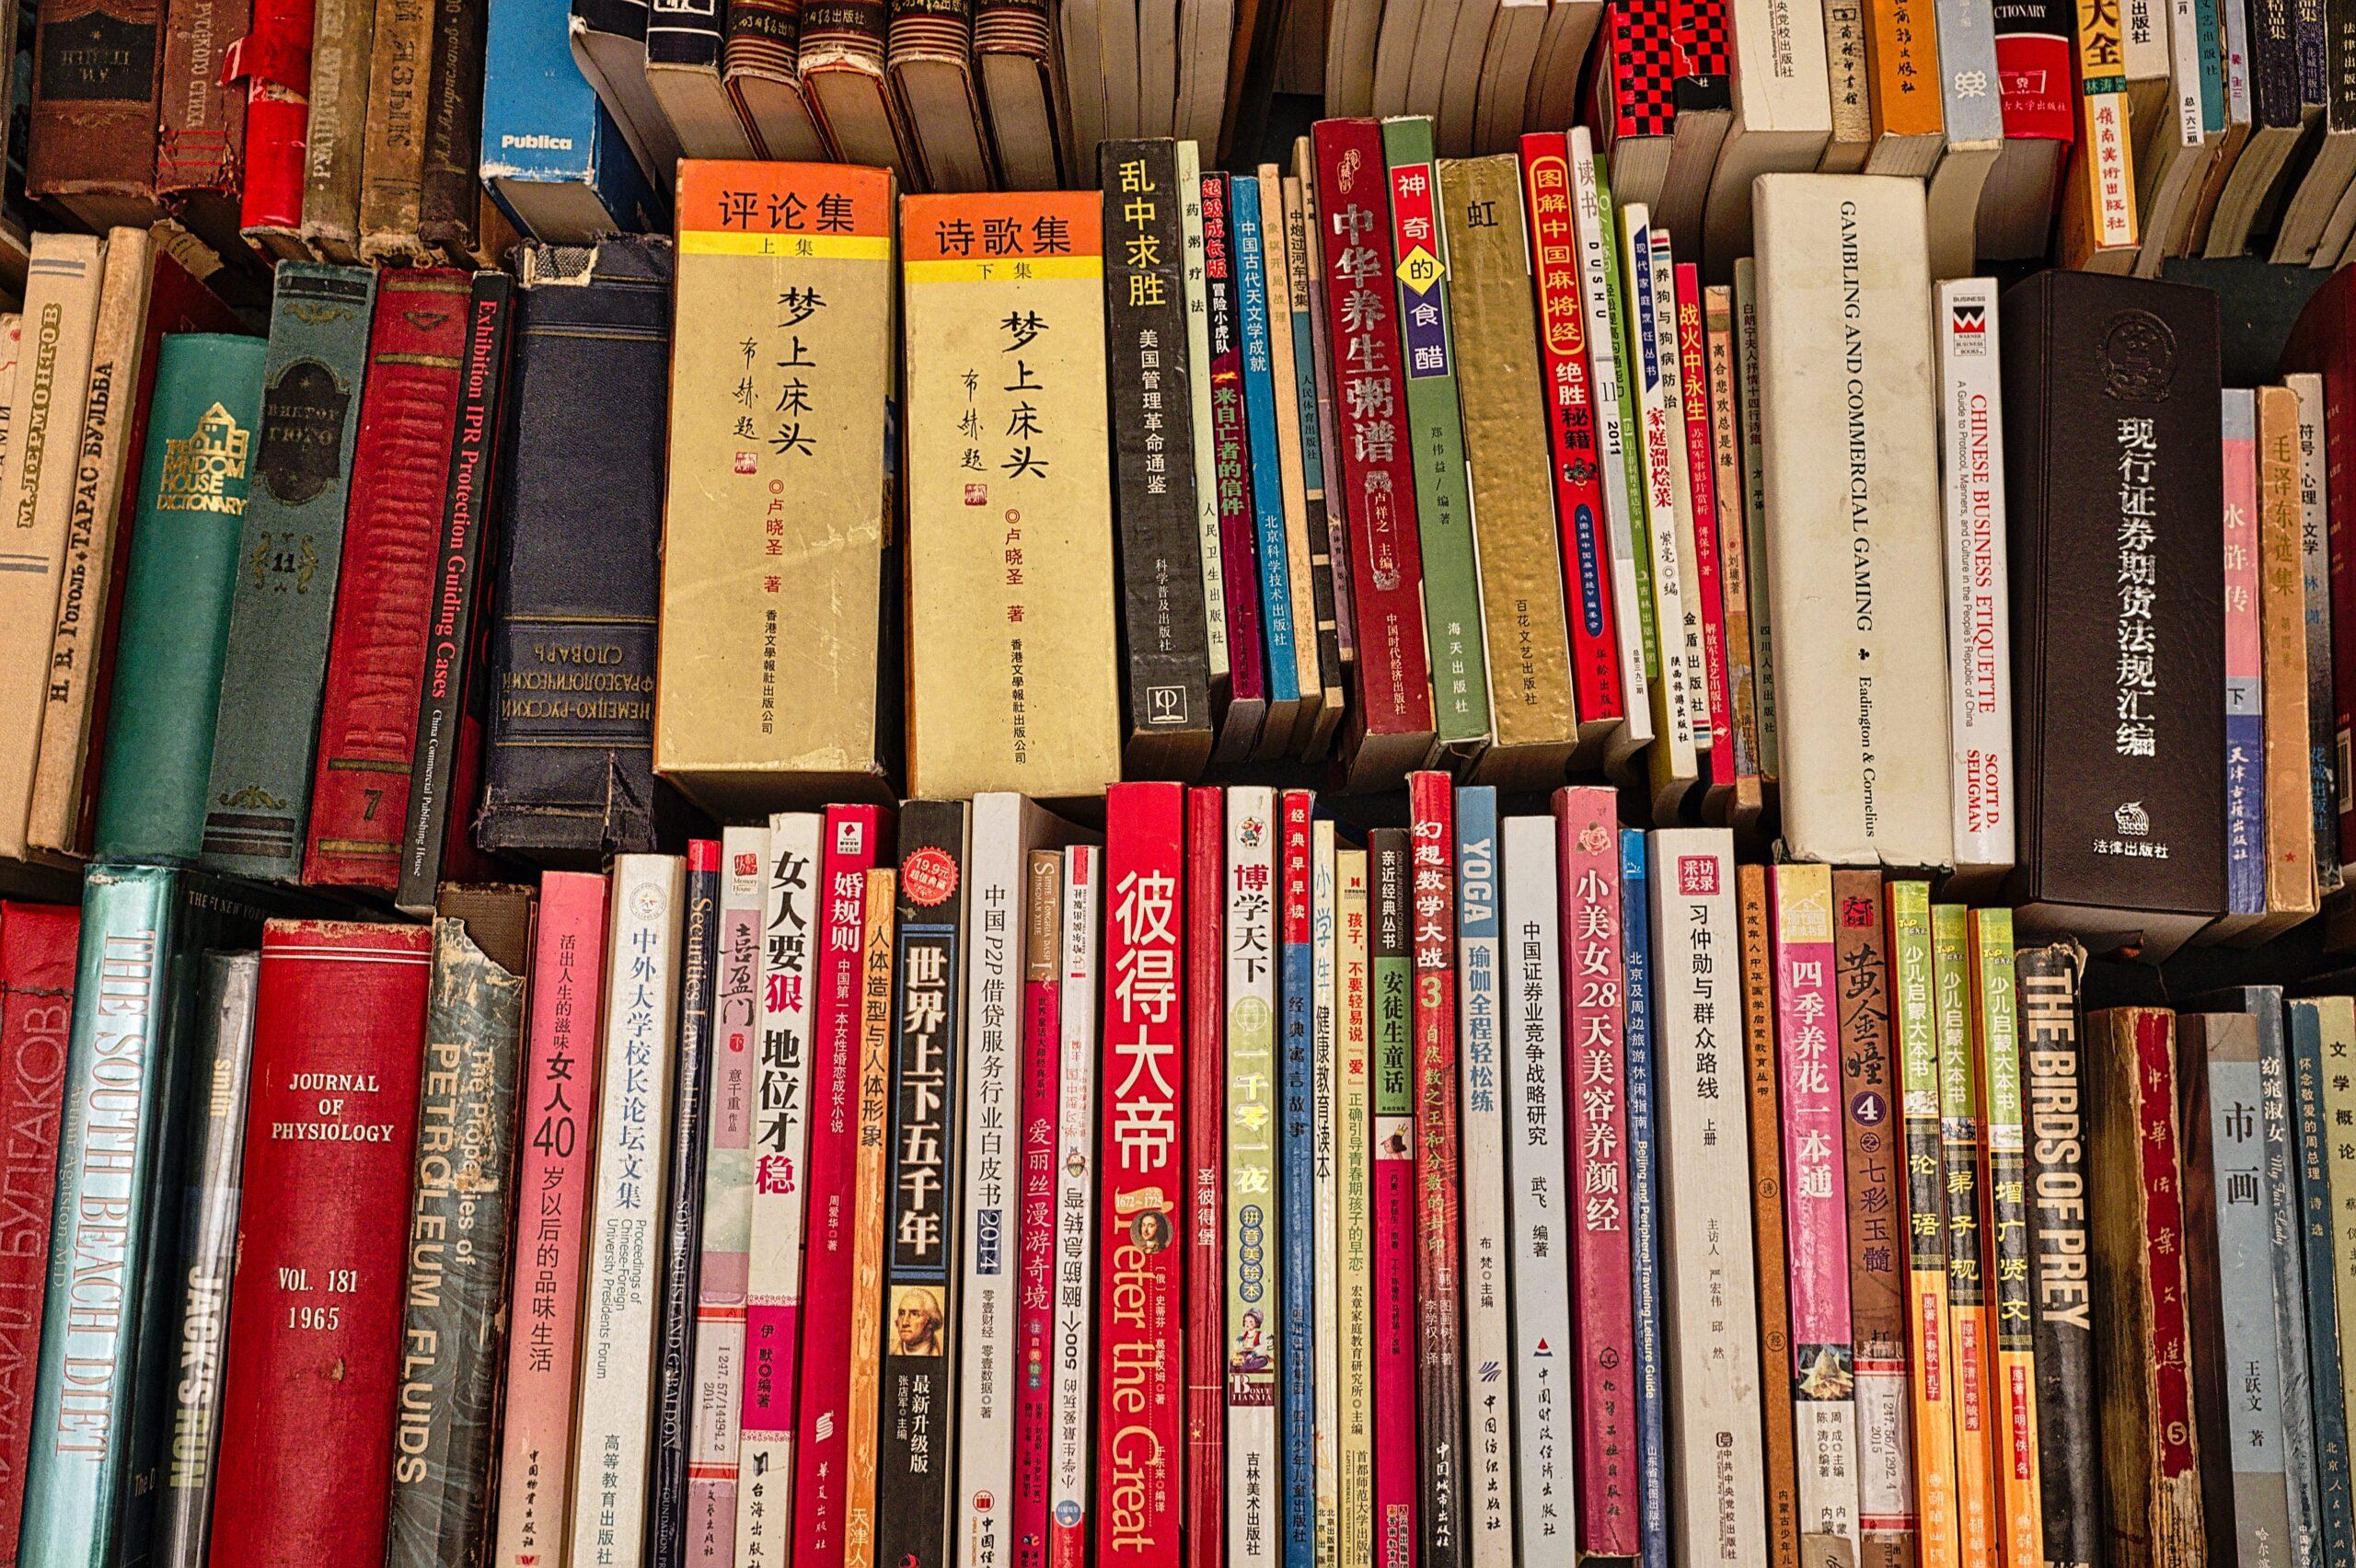 Libros antiguos en el mercado Panjiayuan